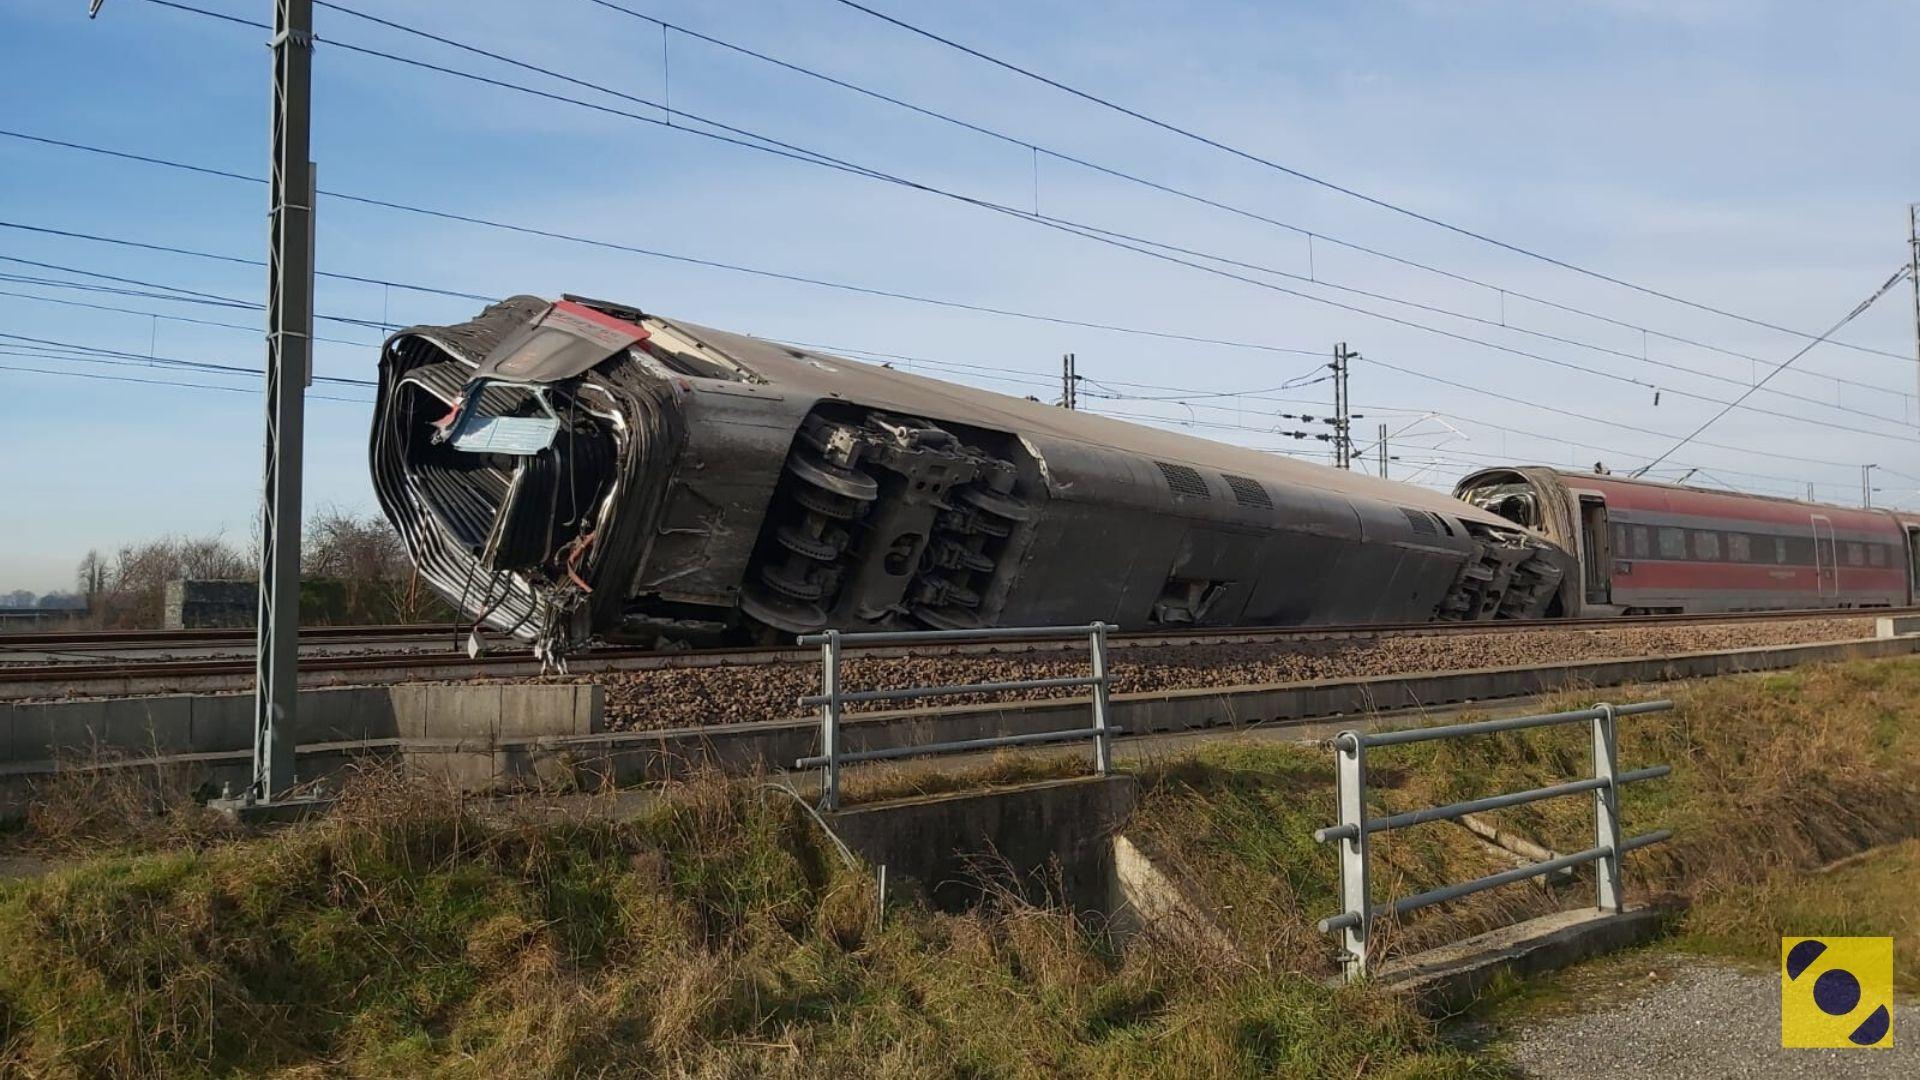 Incidente ferroviario a Lodi - 6 febbraio 2020